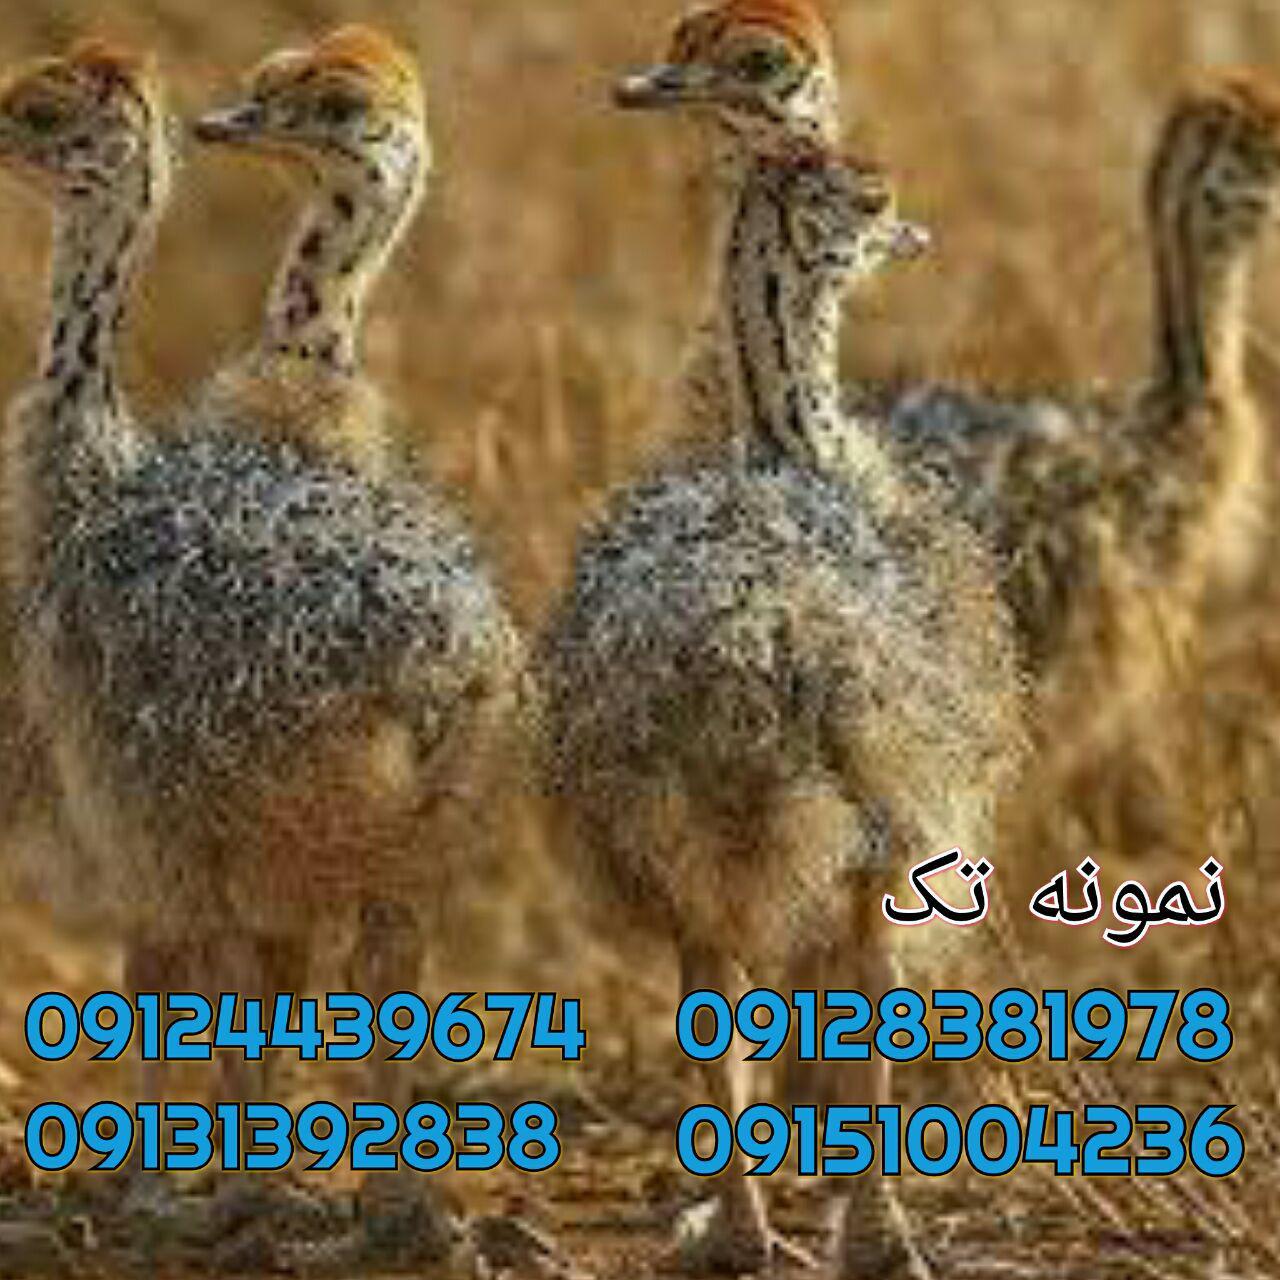 09128381978پیش فروش جوجه شترمرغ گوشت شترمرغ زنده پرورش